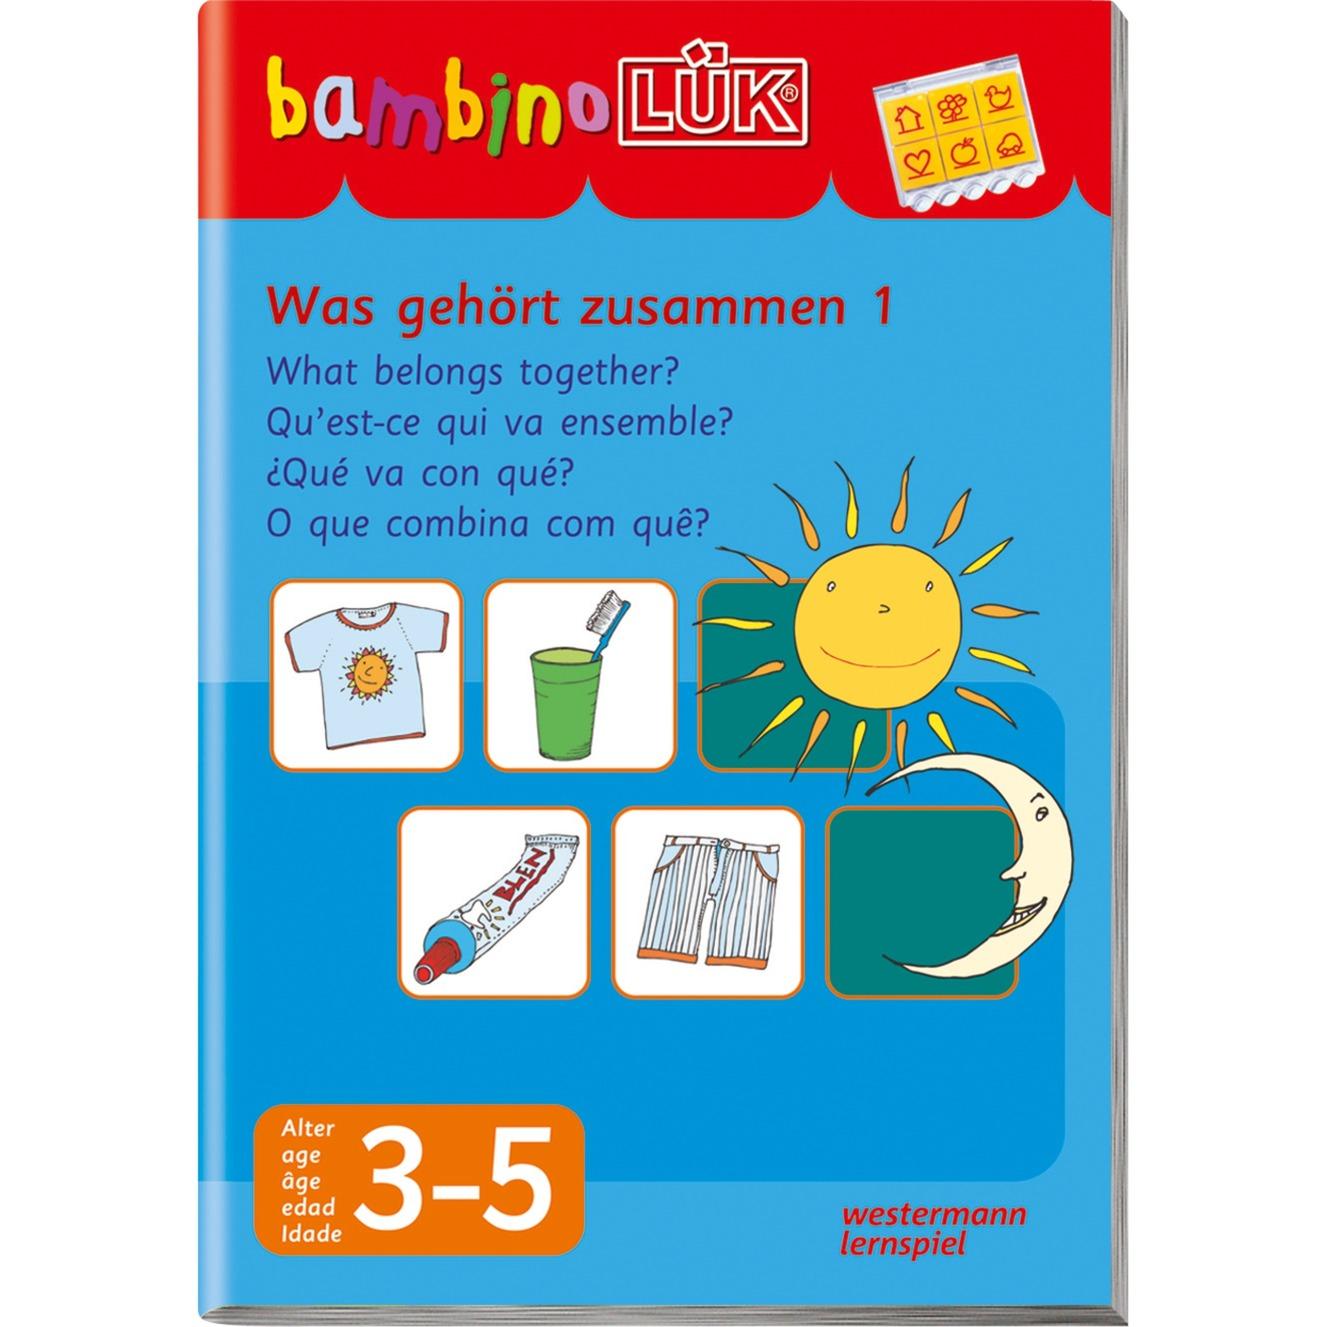 Bambino Was gehört zusammen 1 livre pour enfants, Manuel